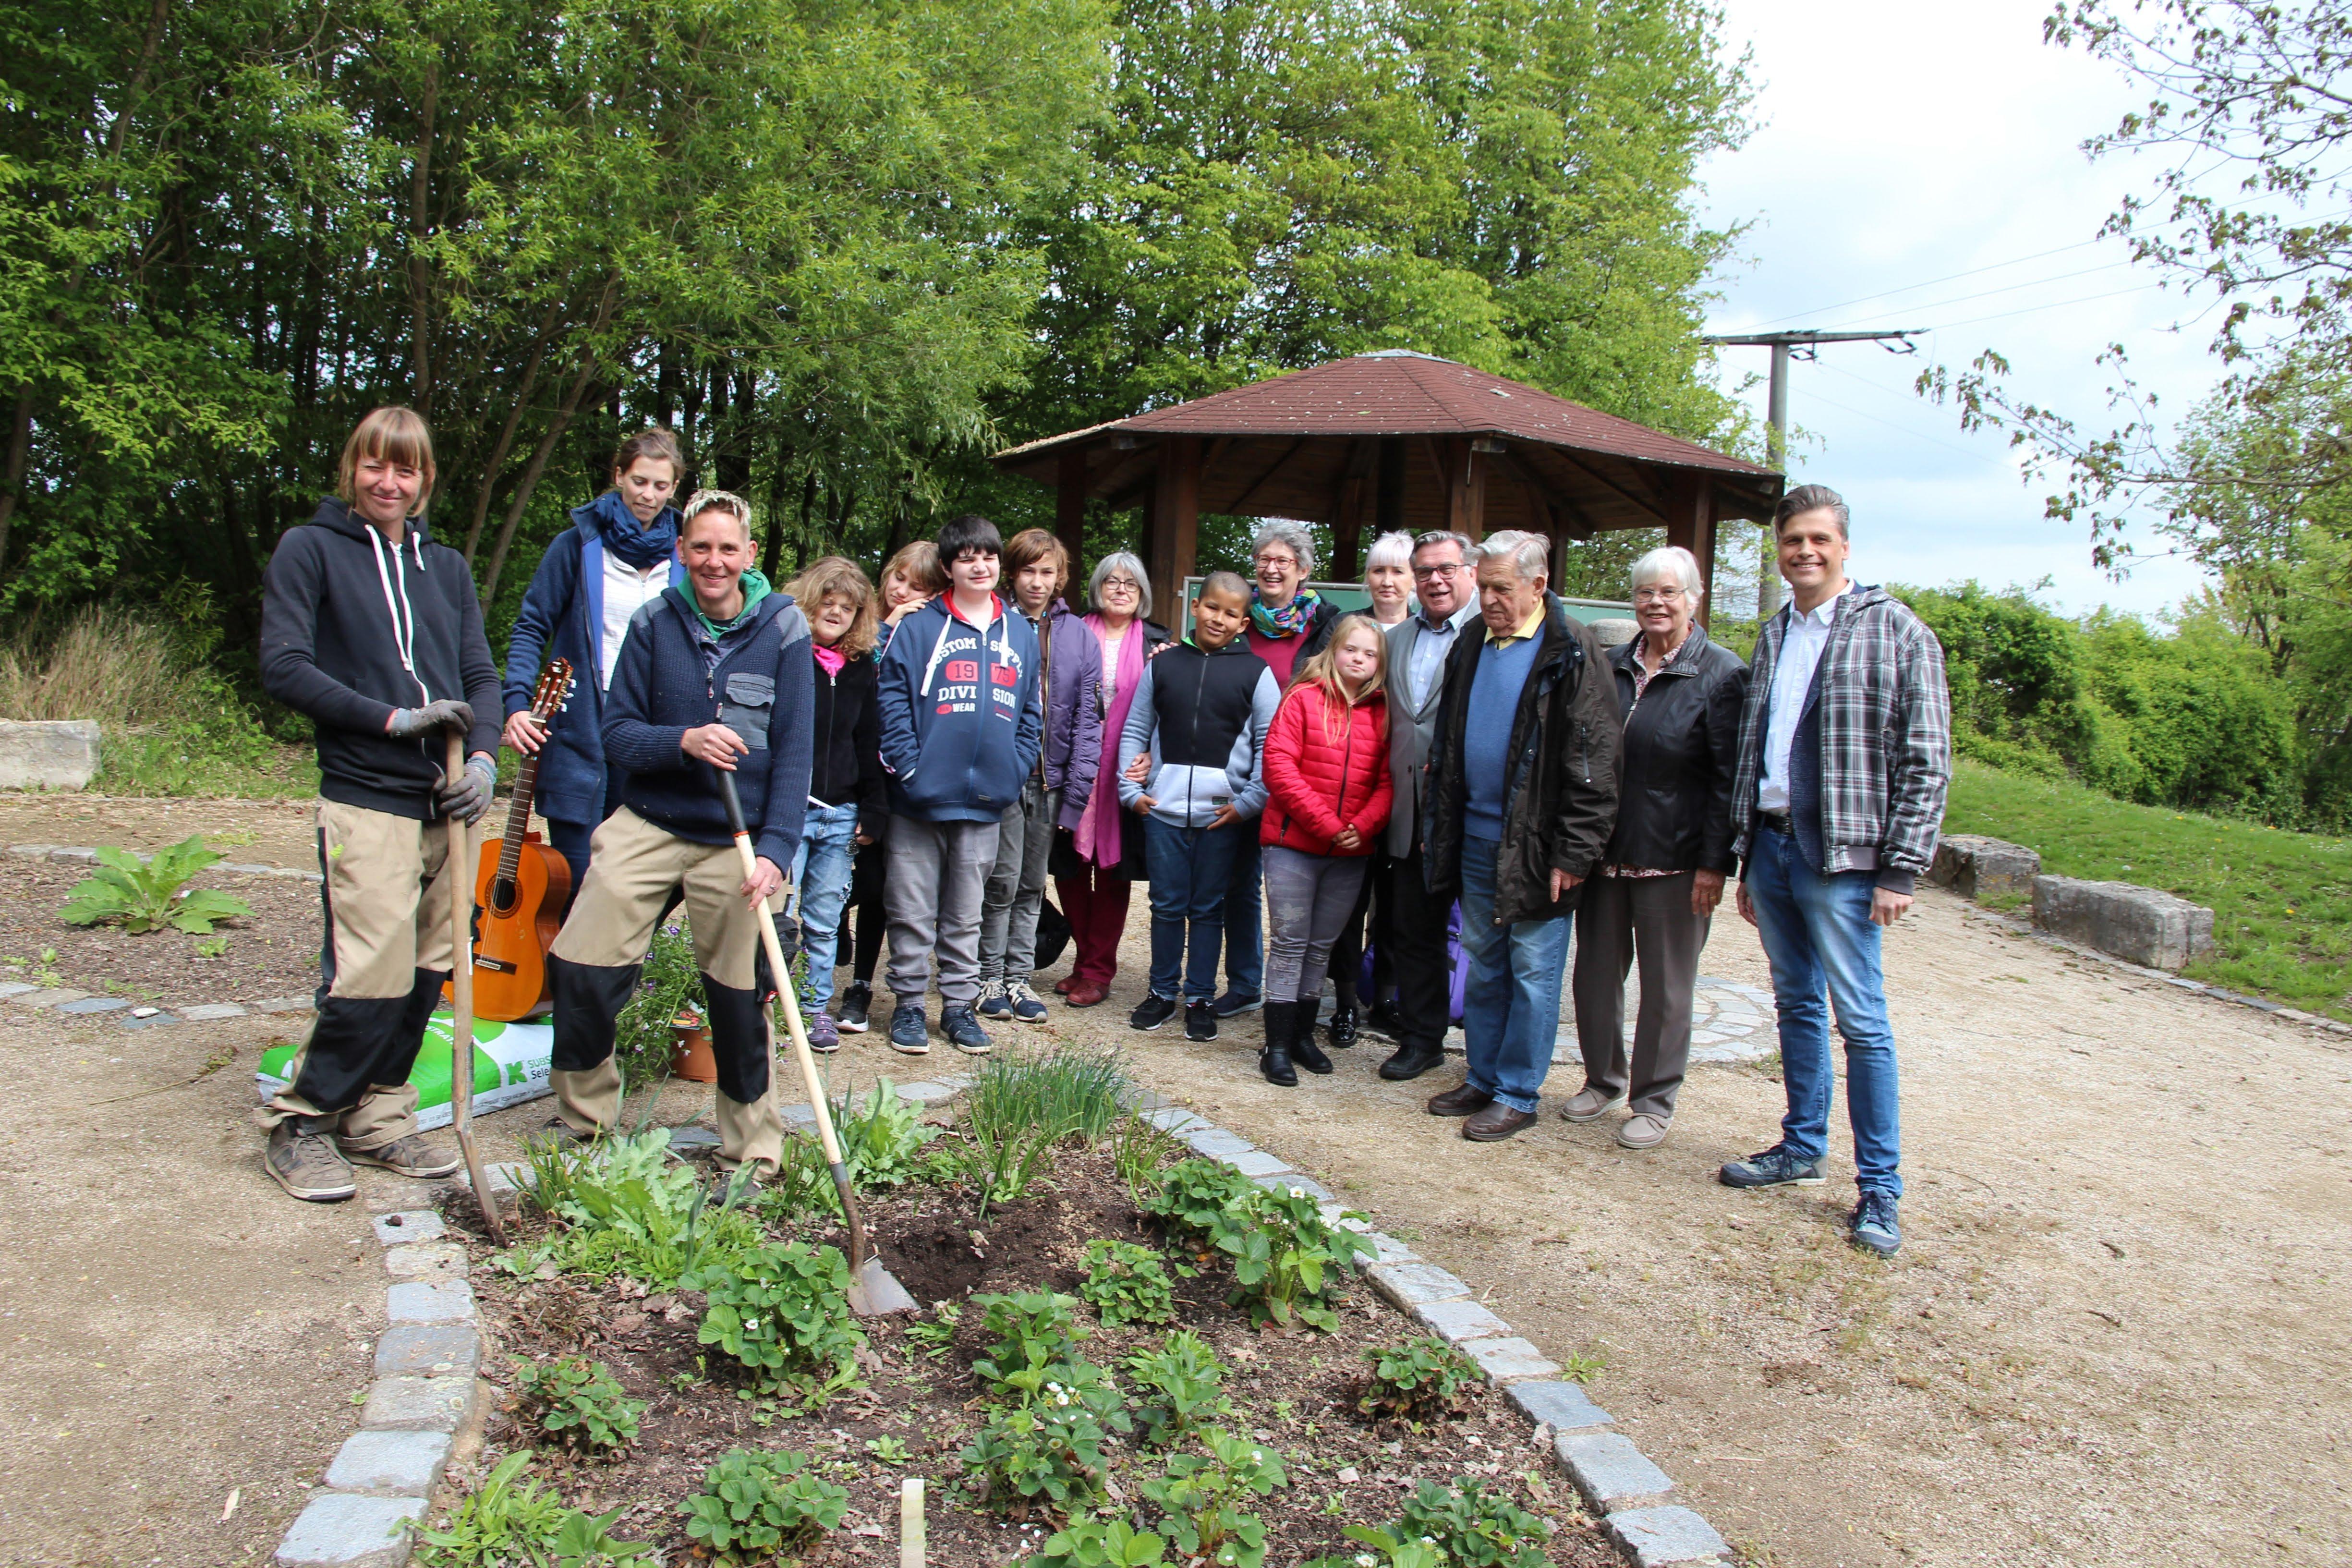 Mit einem Lied hieß die kleinen Lebenshilfe-Delegation im Kräutergarten der Dr. Bernhard Leniger Schule das blühende Jubiläumsgeschenk der Rosengärtnerei Kalbus willkommen.